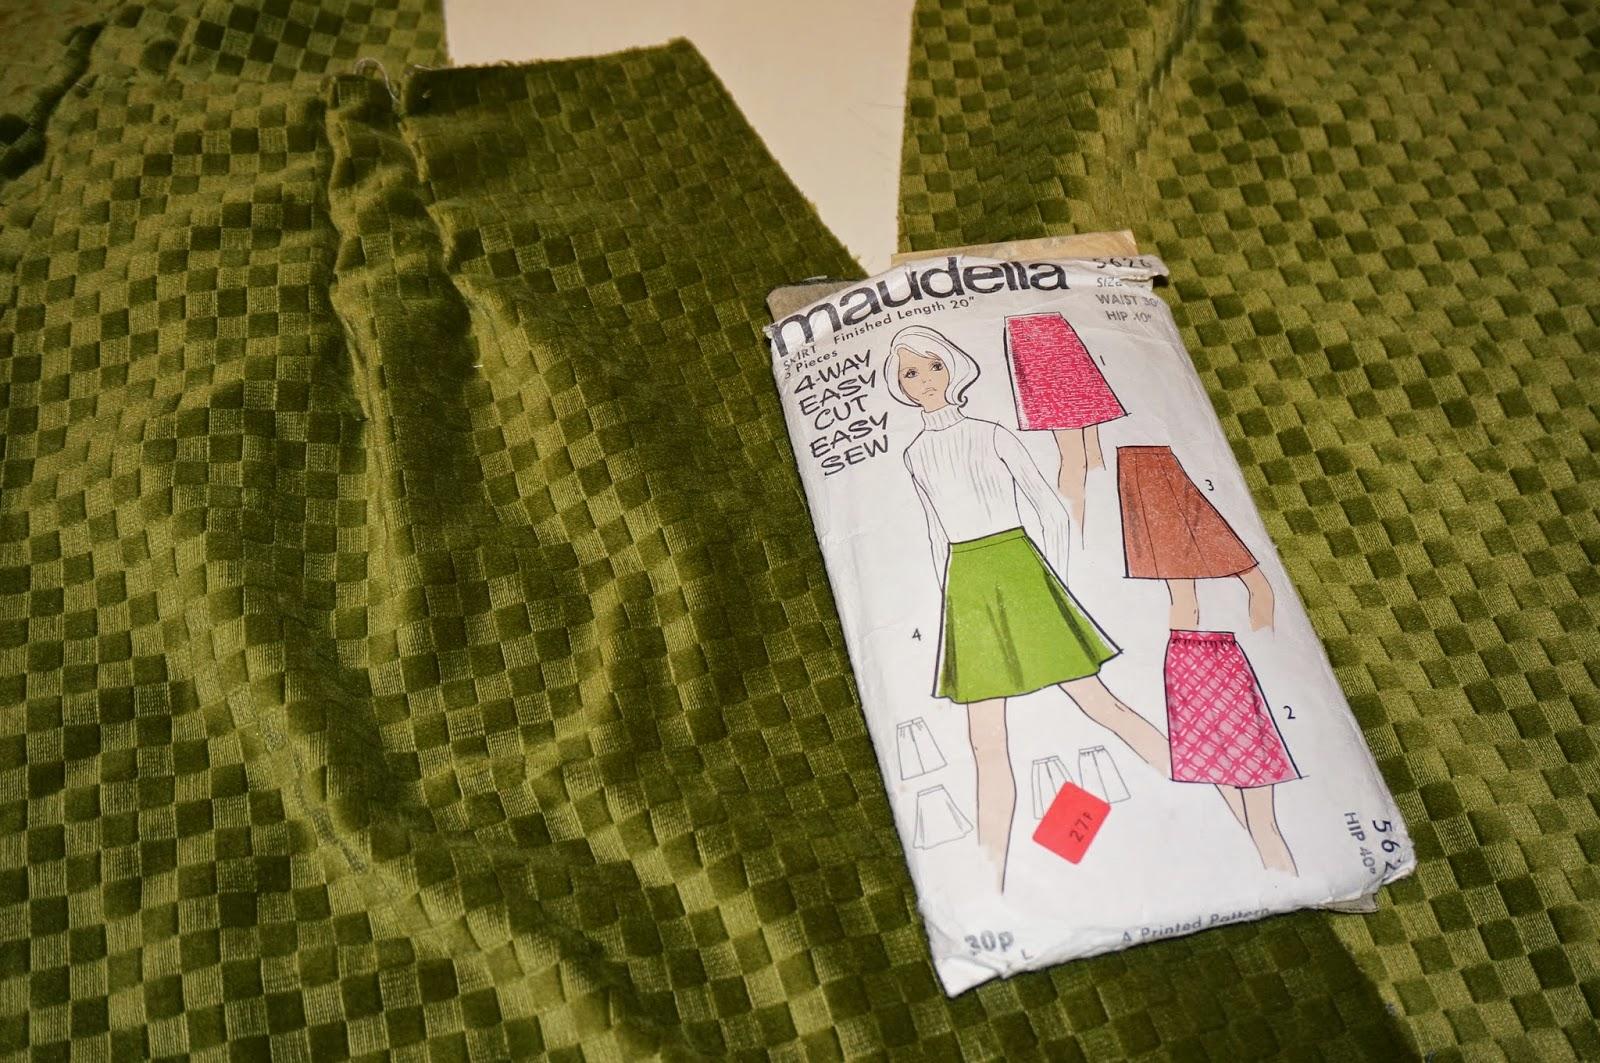 Jupe trapèze , tissu velours épais acheté en brocante , patron Maudella 5626  A-line mod mini skirt , vintage olive green thick velvet  fabric  , Maudella 5626 pattern  vintage annees 60 70 1960 1970 60s 70s twiggy